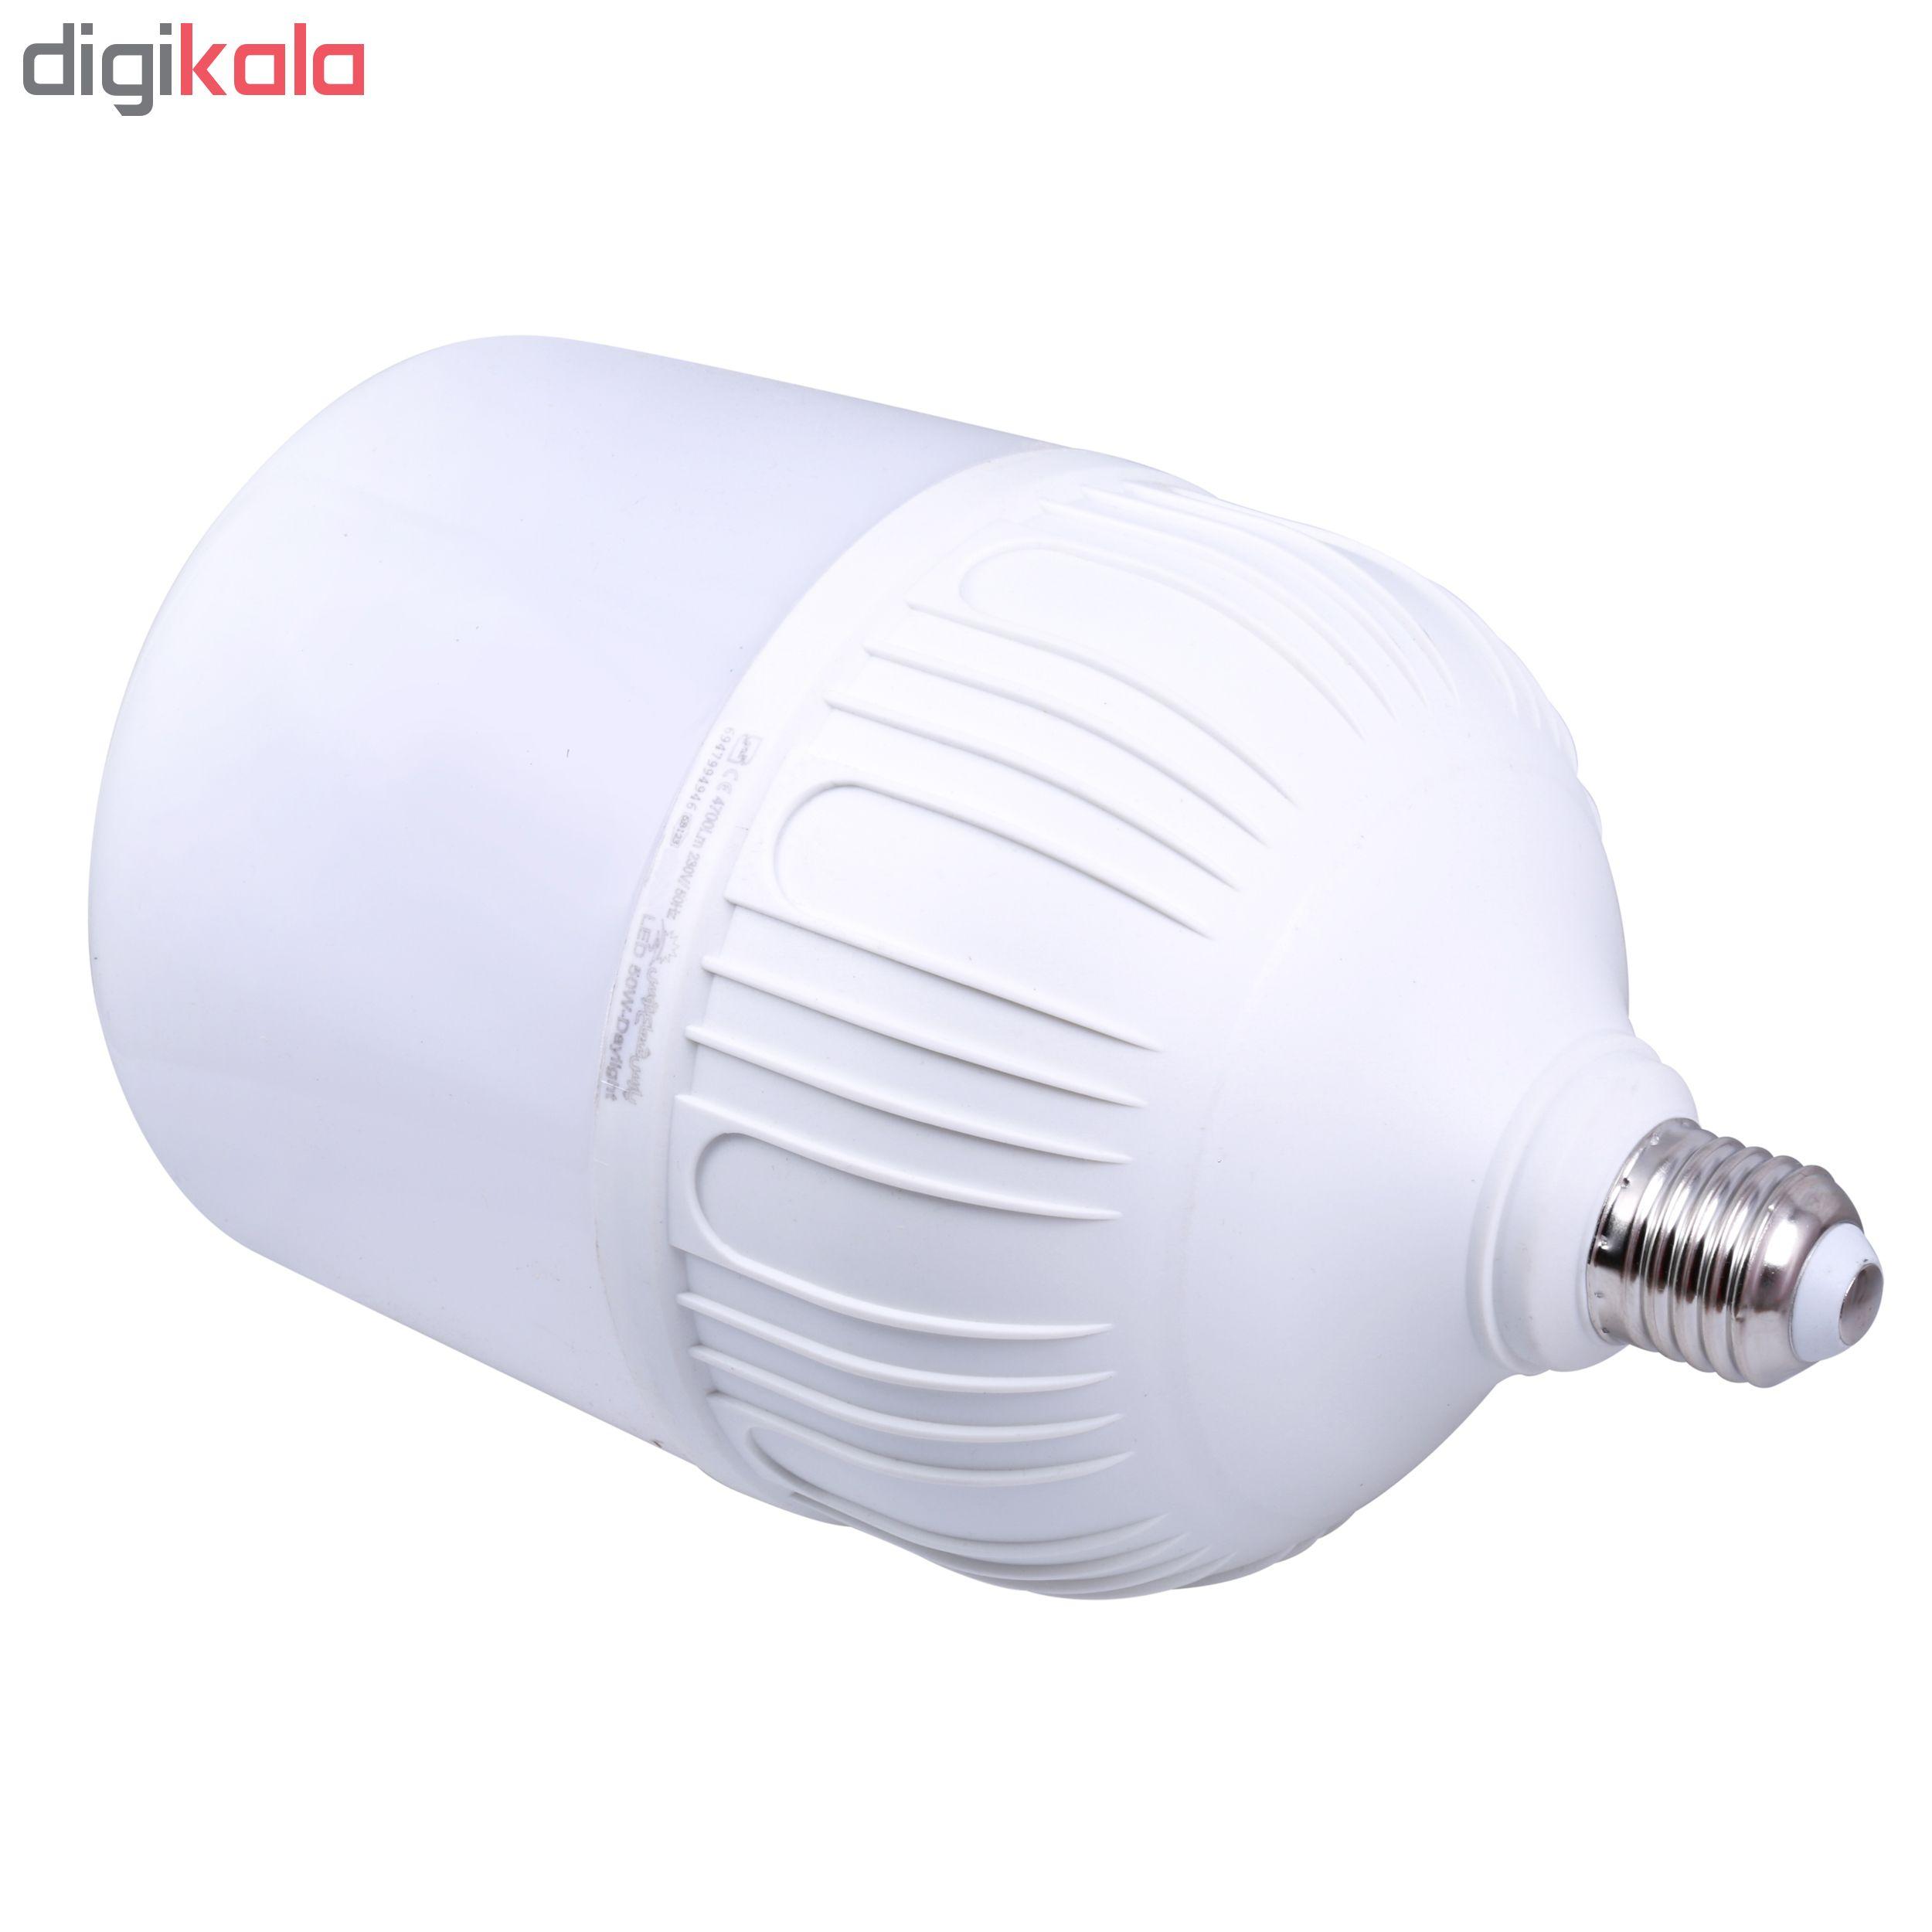 لامپ ال ای دی 50 وات پارس شعاع توس مدل PT-CY50 پایه E27 main 1 2